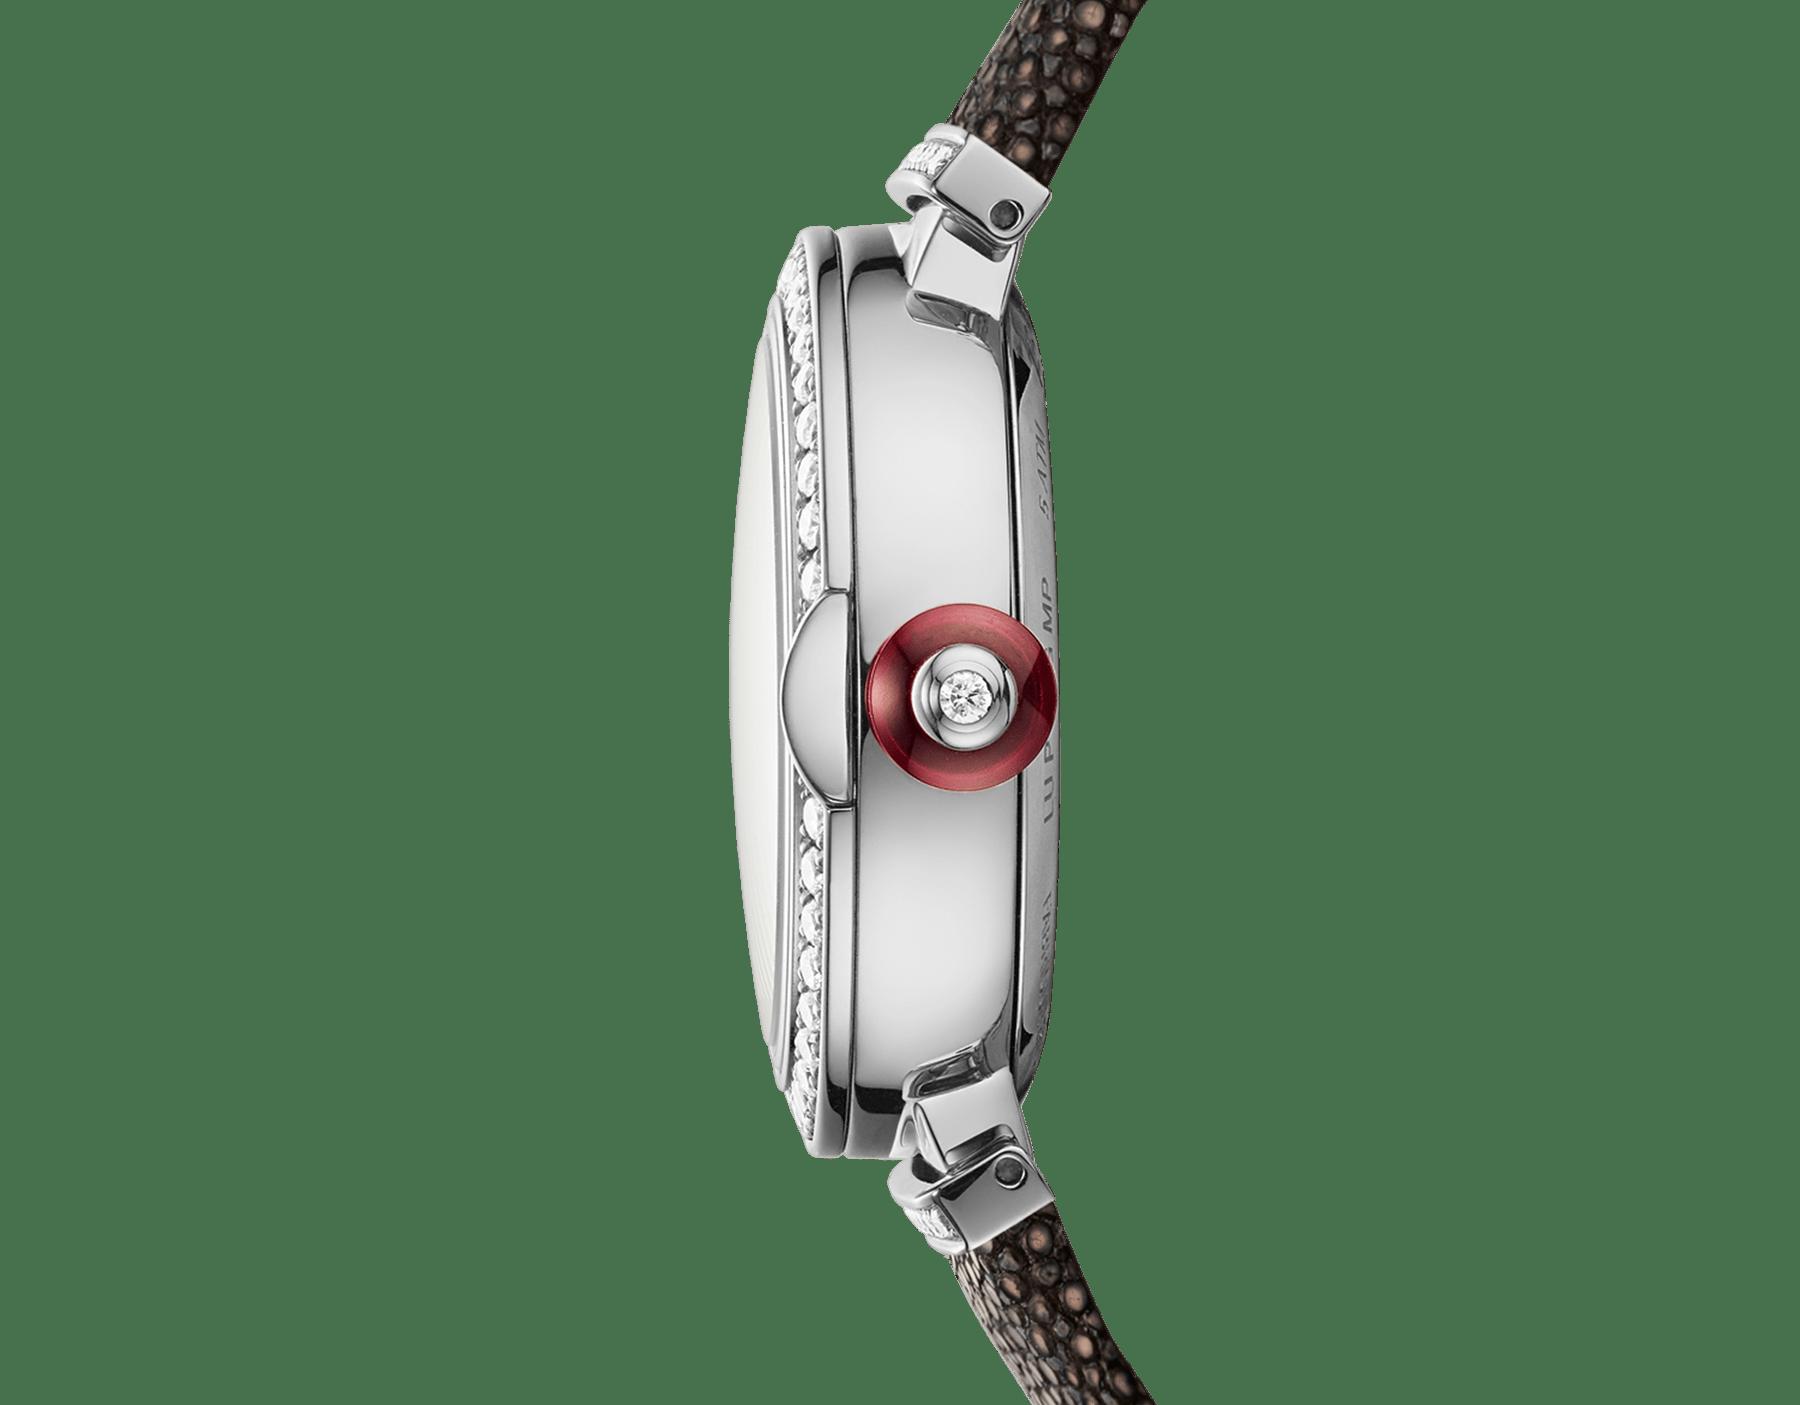 Reloj LVCEA con caja en oro blanco de 18 qt con diamantes engastados, esfera mosaico en oro blanco de 18 qt y correa de galuchat negra. 102830 image 3